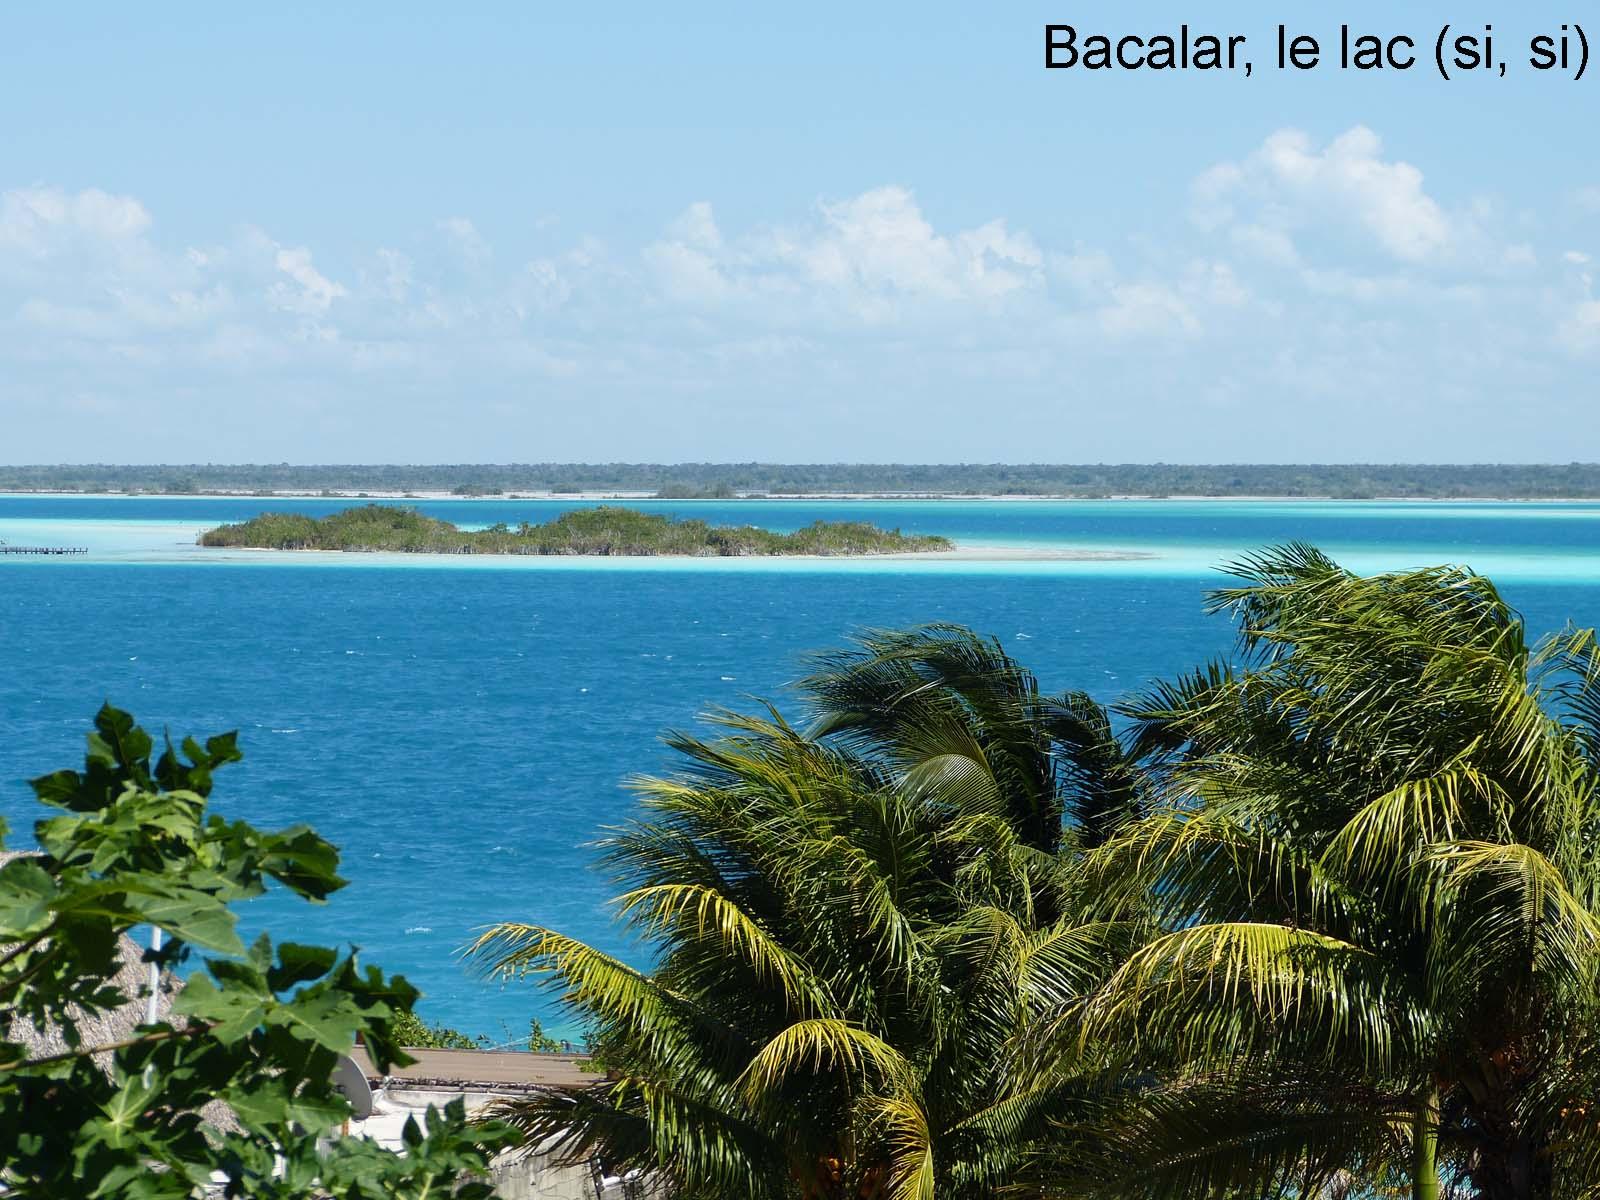 Cote yucatan, Bacalar le lac